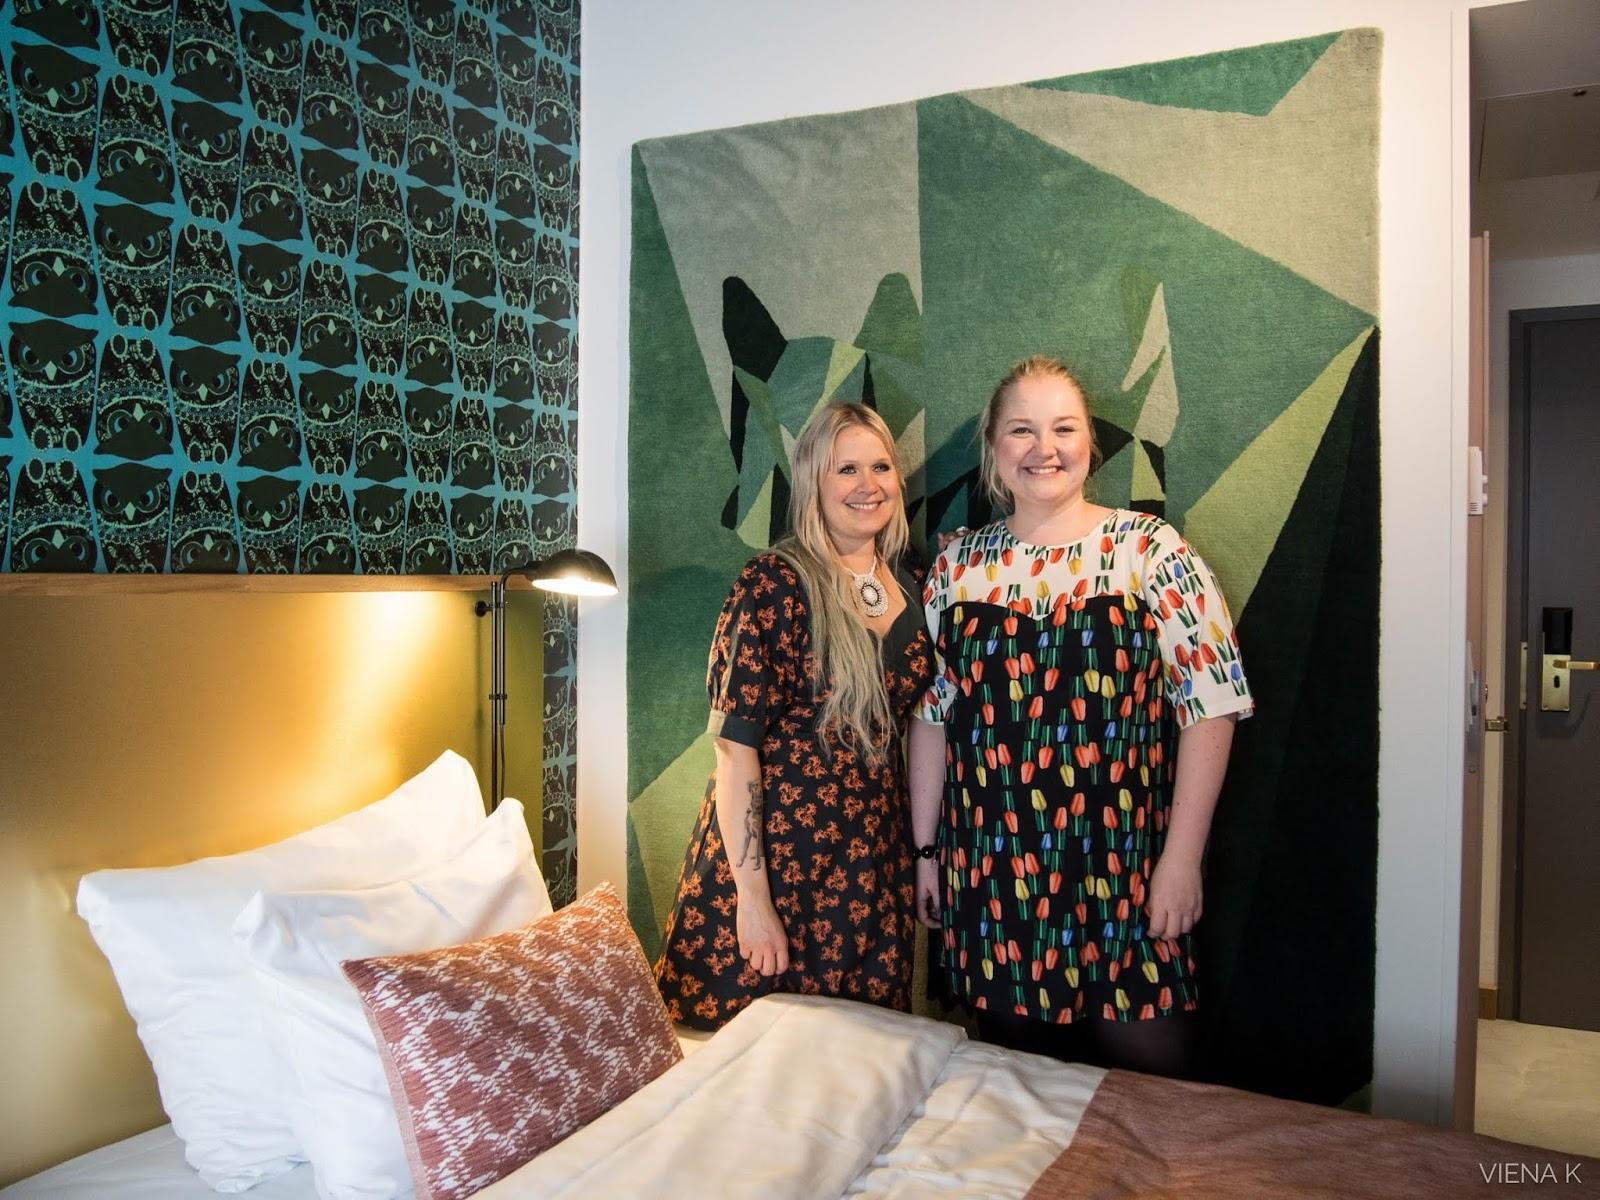 Uusi Presidentti: Hotelli täynnä Ivana Helsinkiä! - oi mutsi mutsi